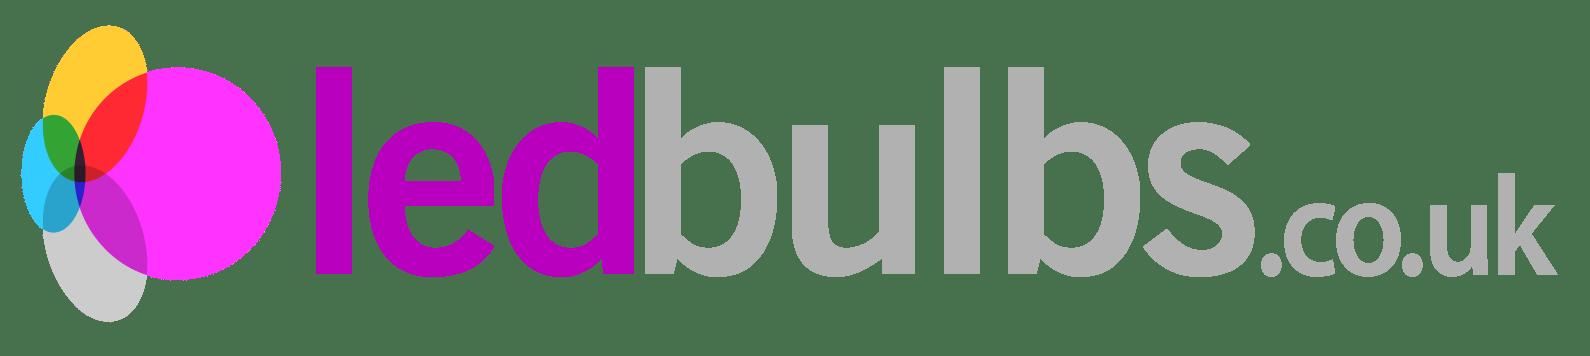 Ledbulbs